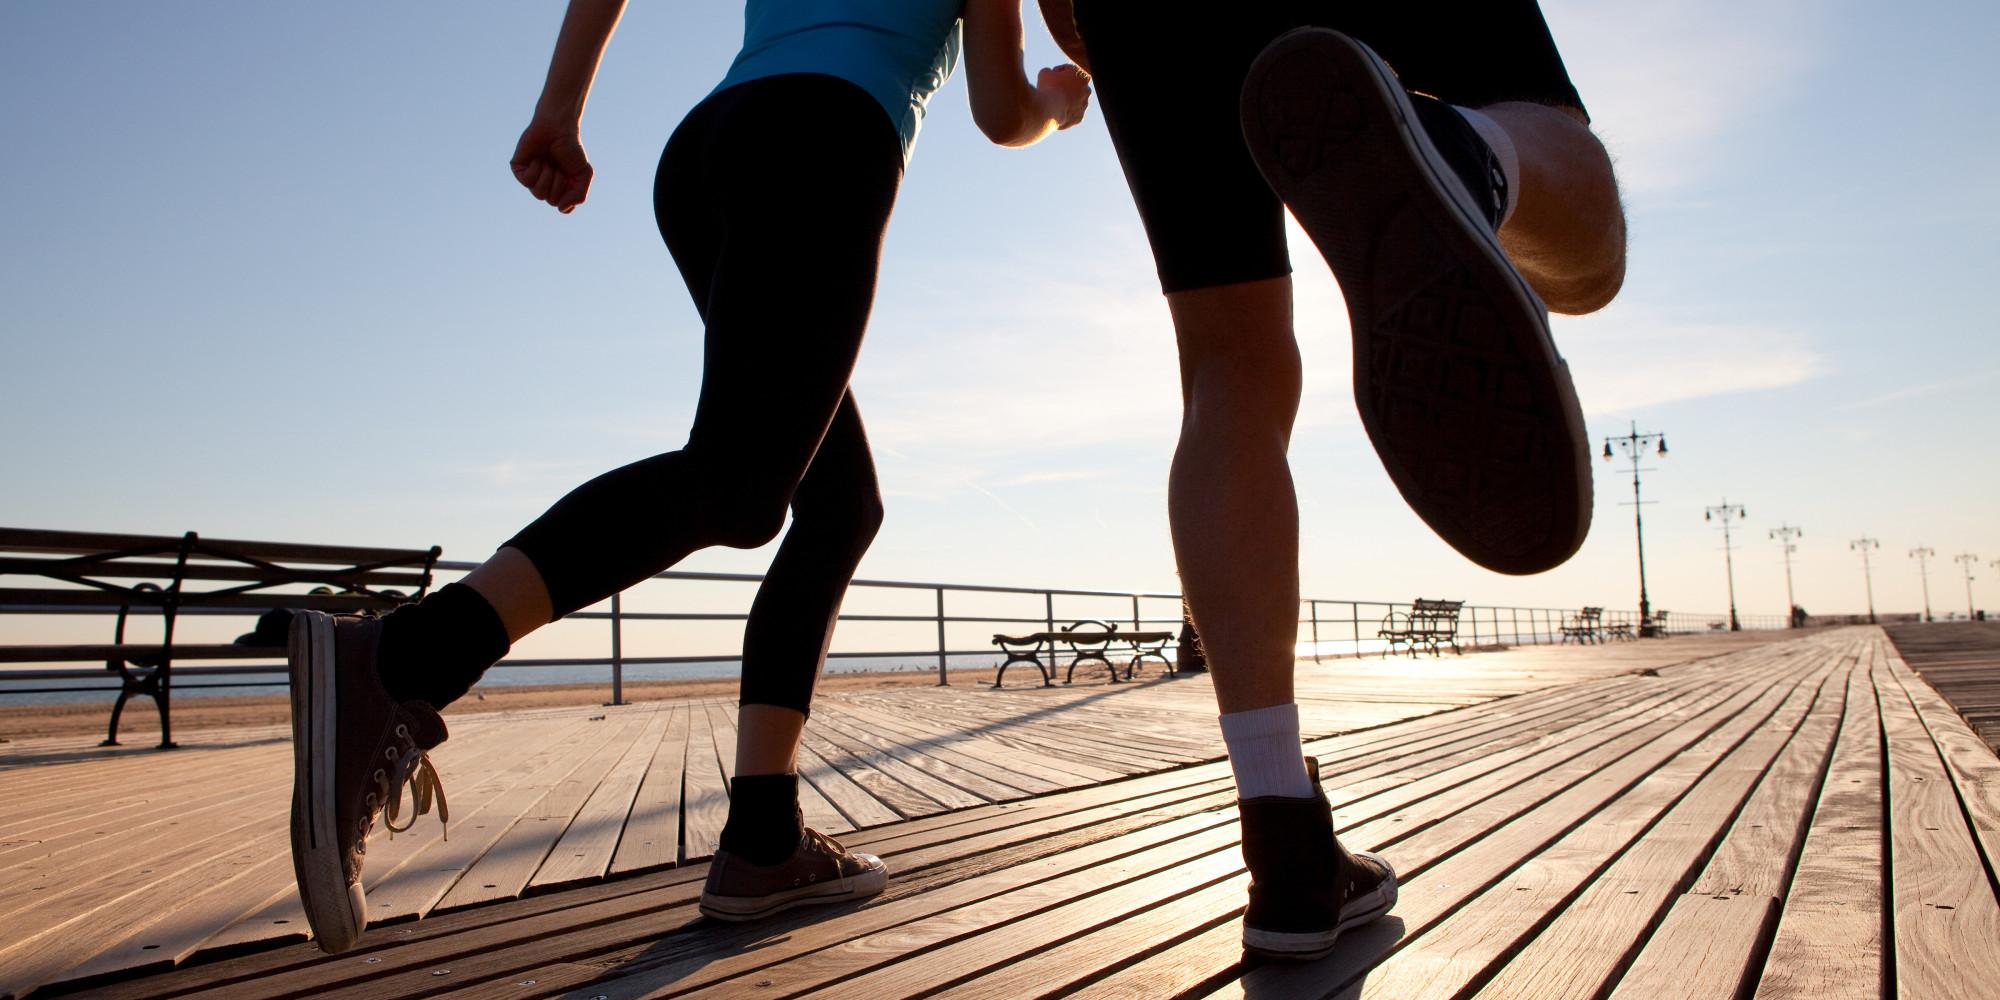 Αποτέλεσμα εικόνας για exercise